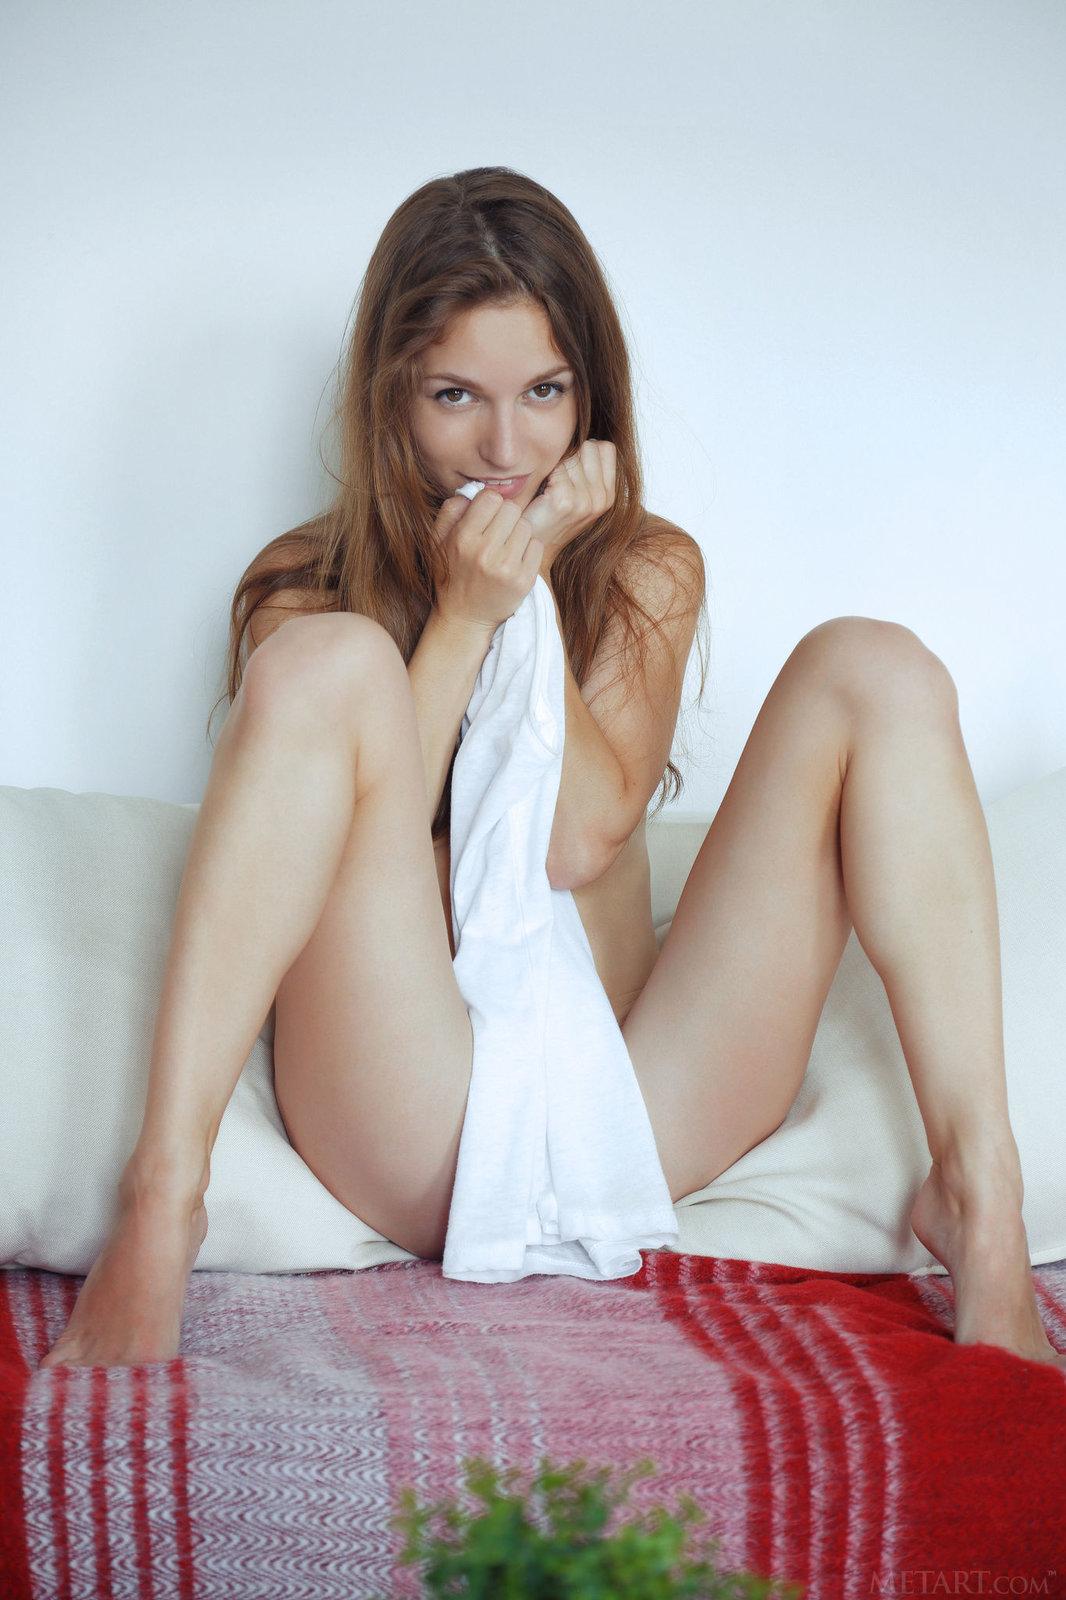 Zdjęcie porno - 131 - Mała laseczka na kanapie